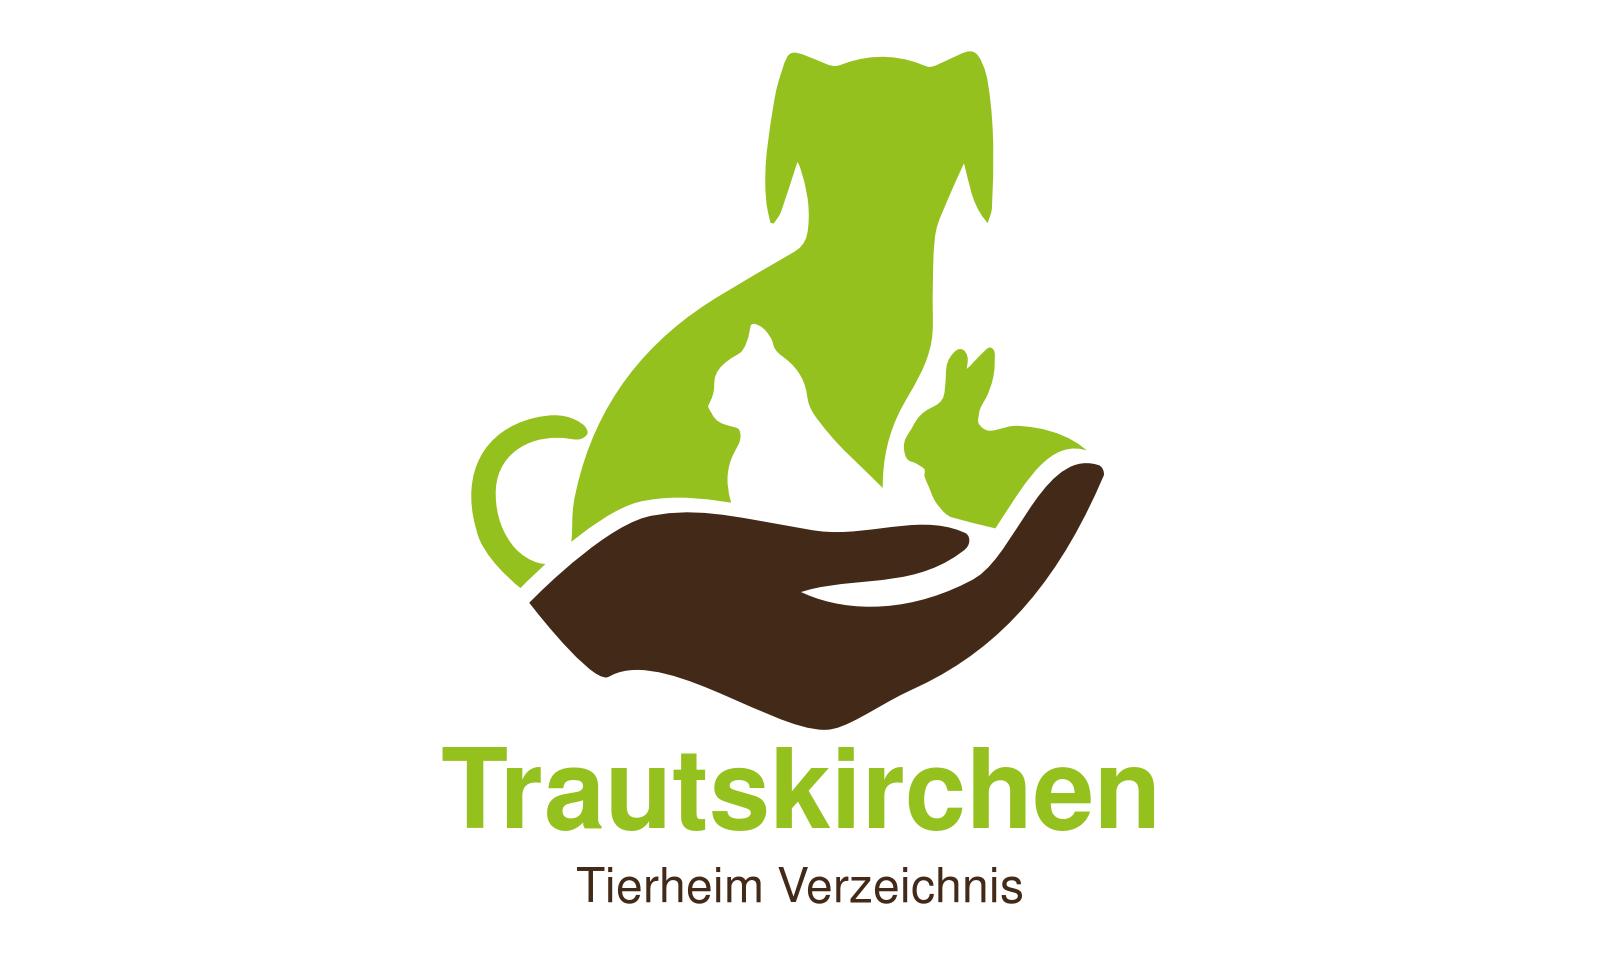 Tierheim Trautskirchen